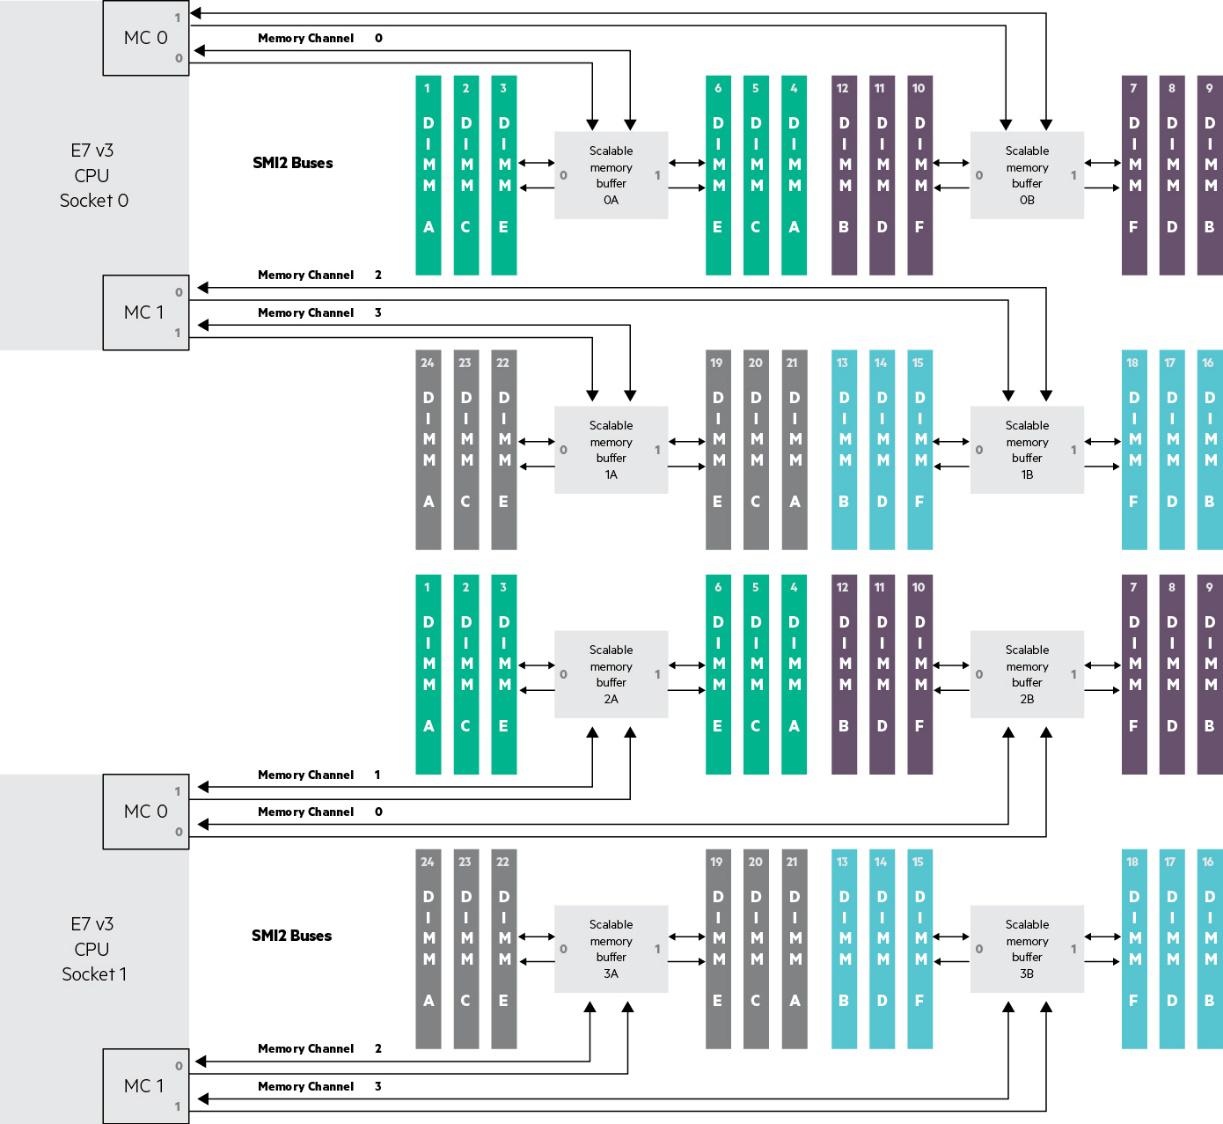 Тихая революция: внедрение x86-архитектуры вместо RISC-машин для процессинга банка - 5